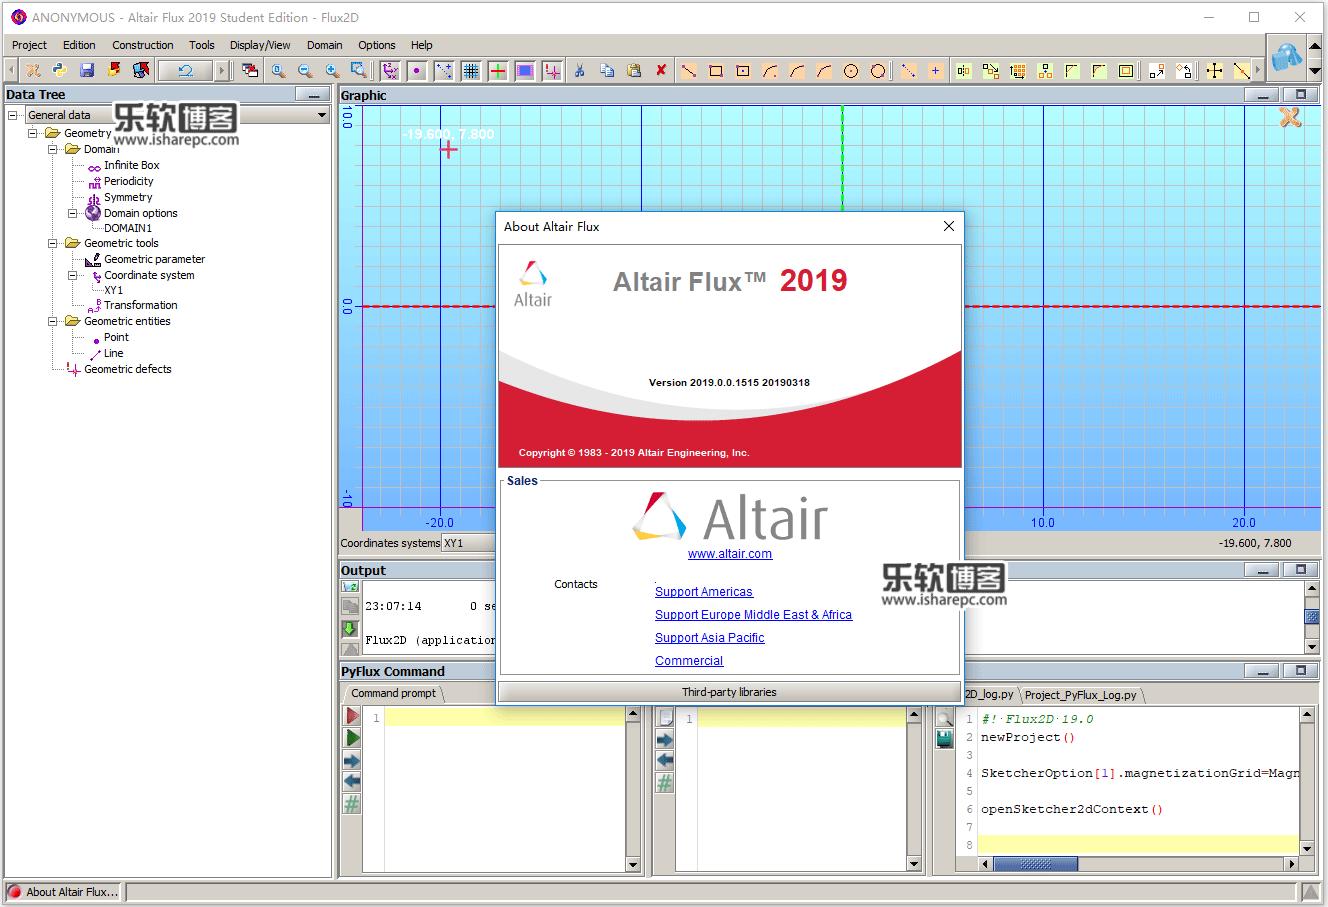 Altair Flux 2019.0.0.1515破解版